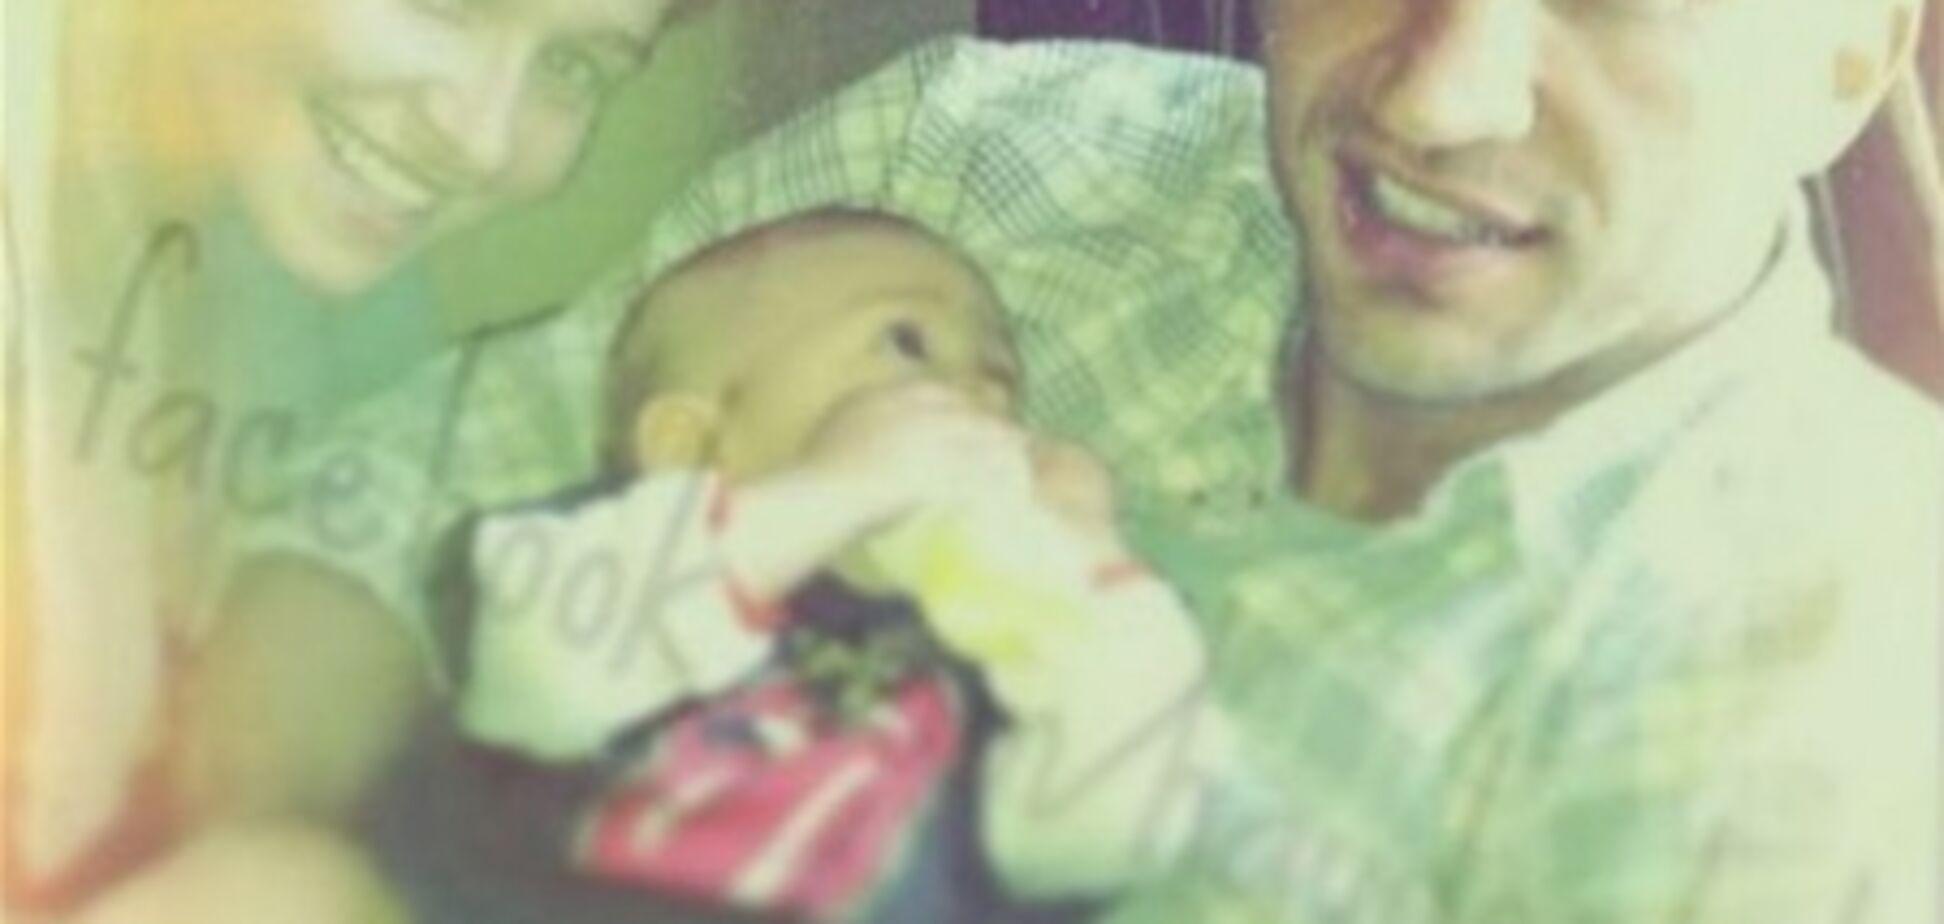 Кличко и Панеттьери обзавелись ребенком. Фото